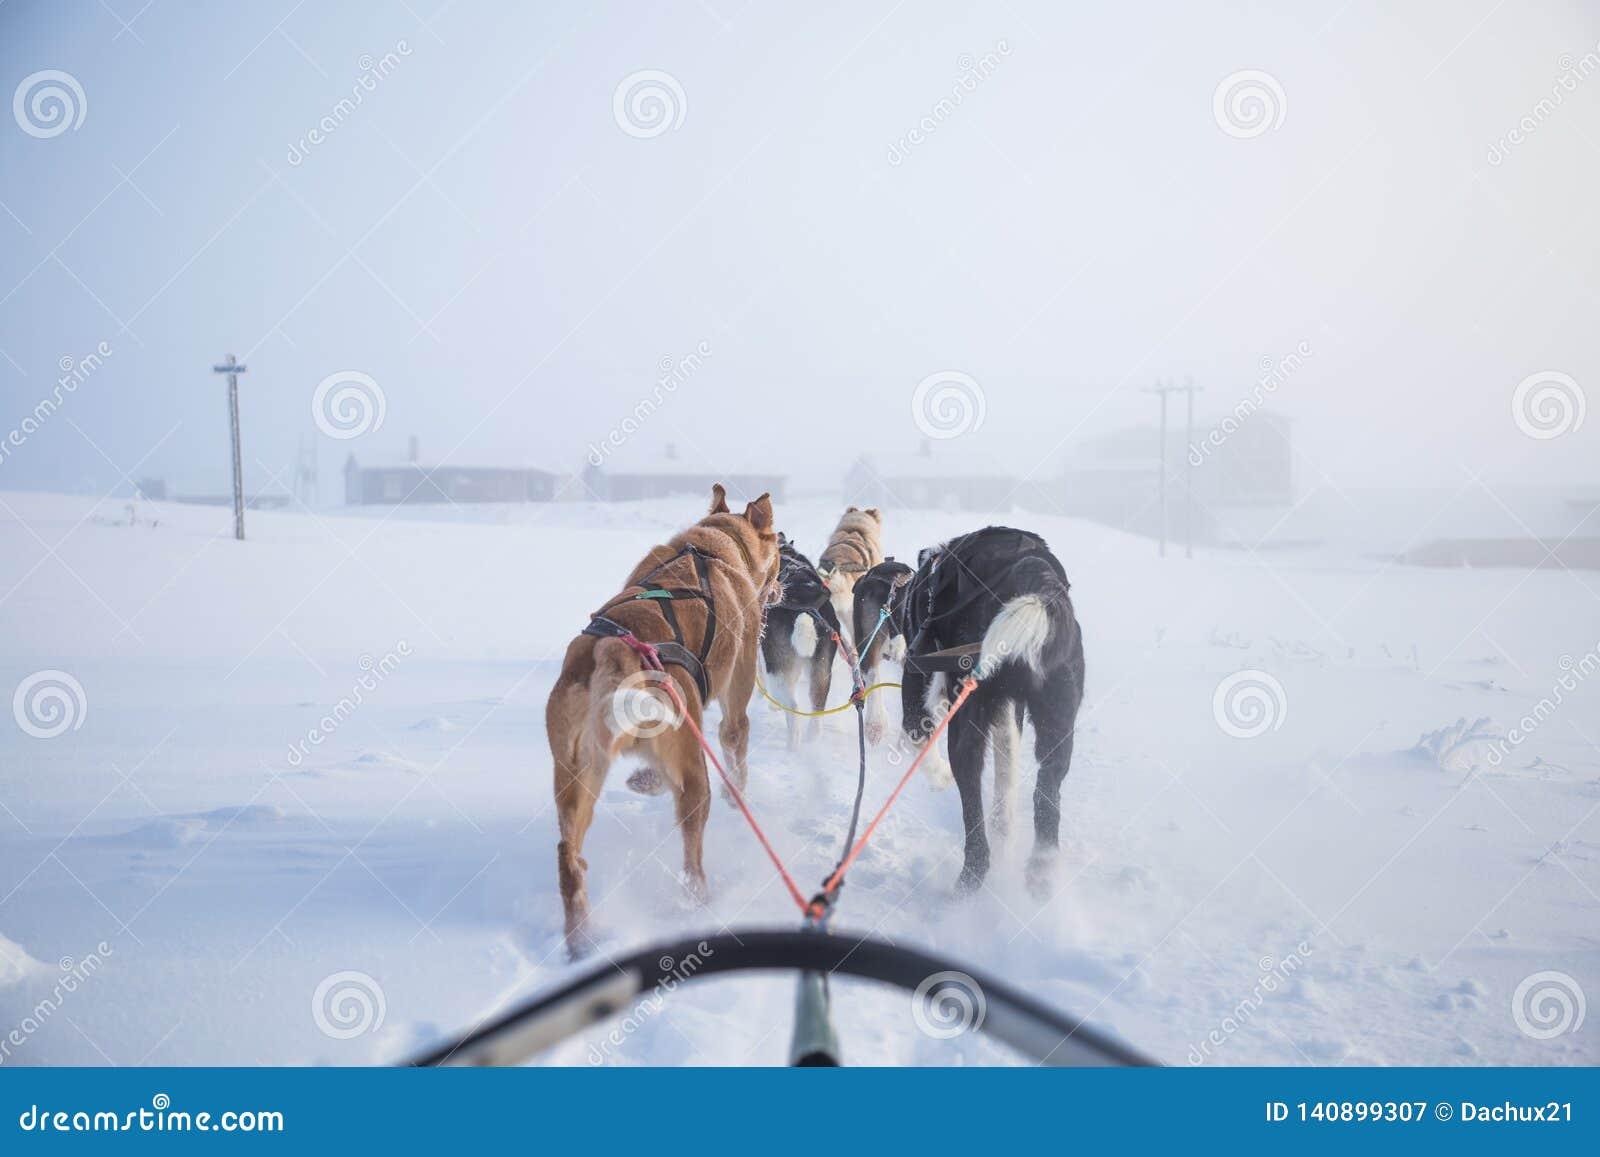 Красивая 6 собак изобилует вытягивать скелетон Сфотографированный от сидеть в перспективе скелетона Потеха, здоровый спорт зимы н